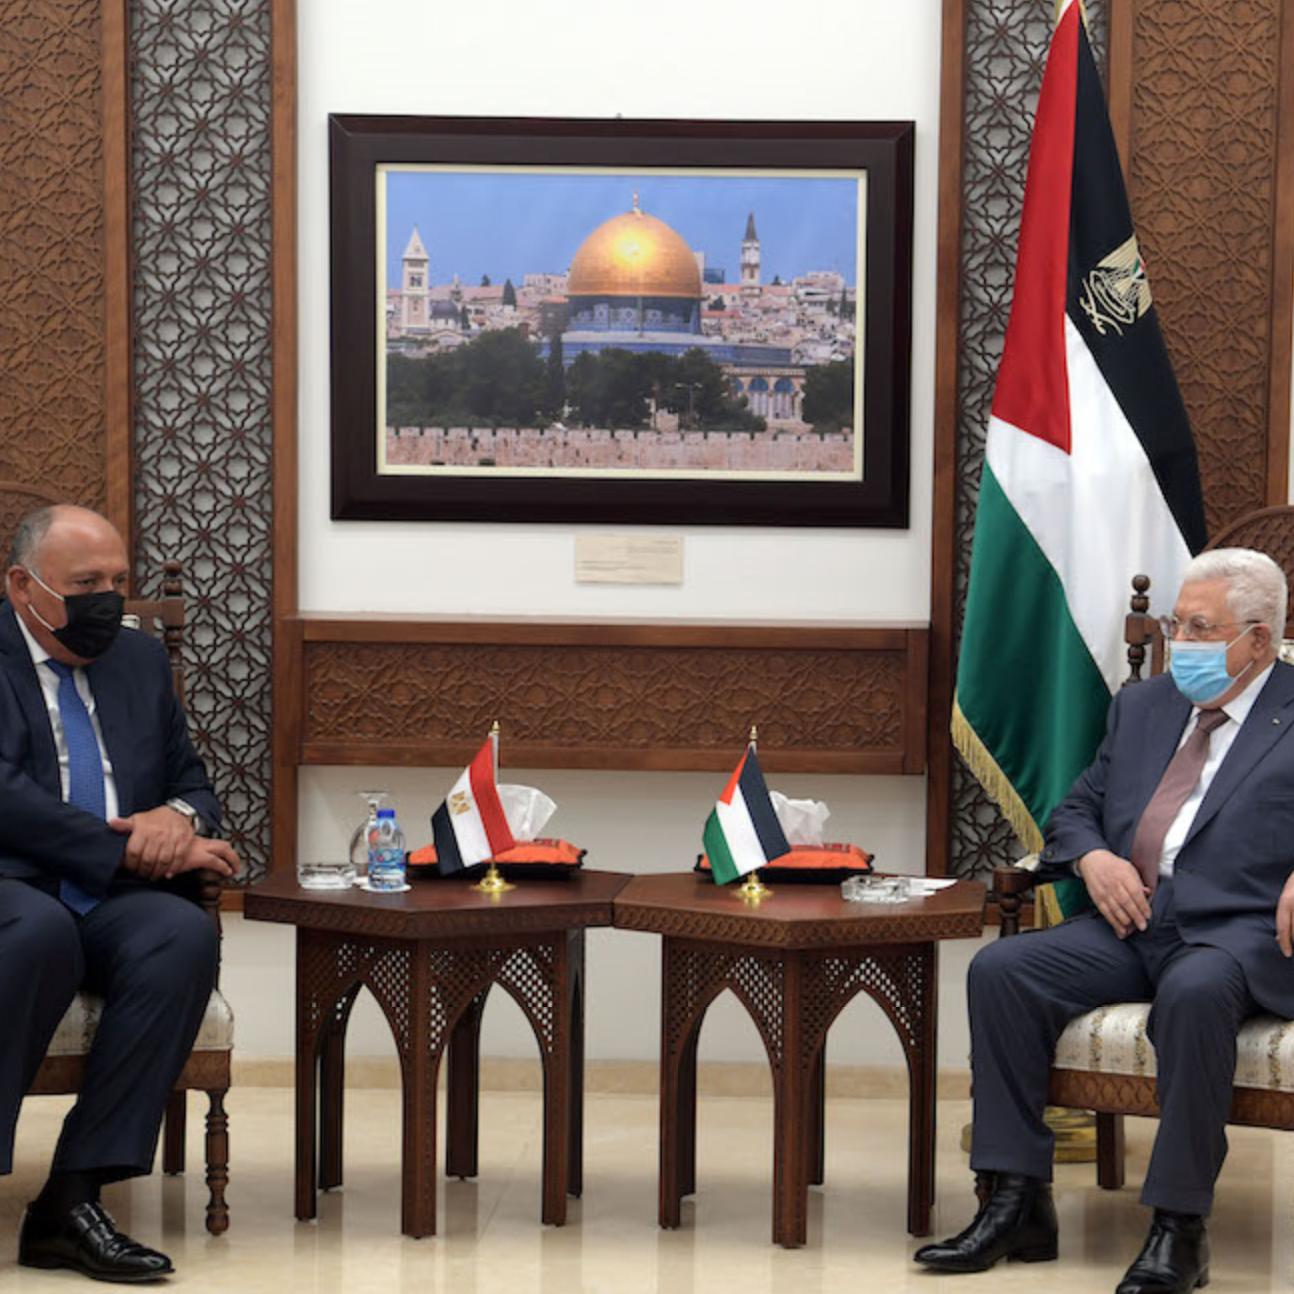 شكري: إعمار غزة سيتم بتنسيق كامل مع السلطةالفلسطينية